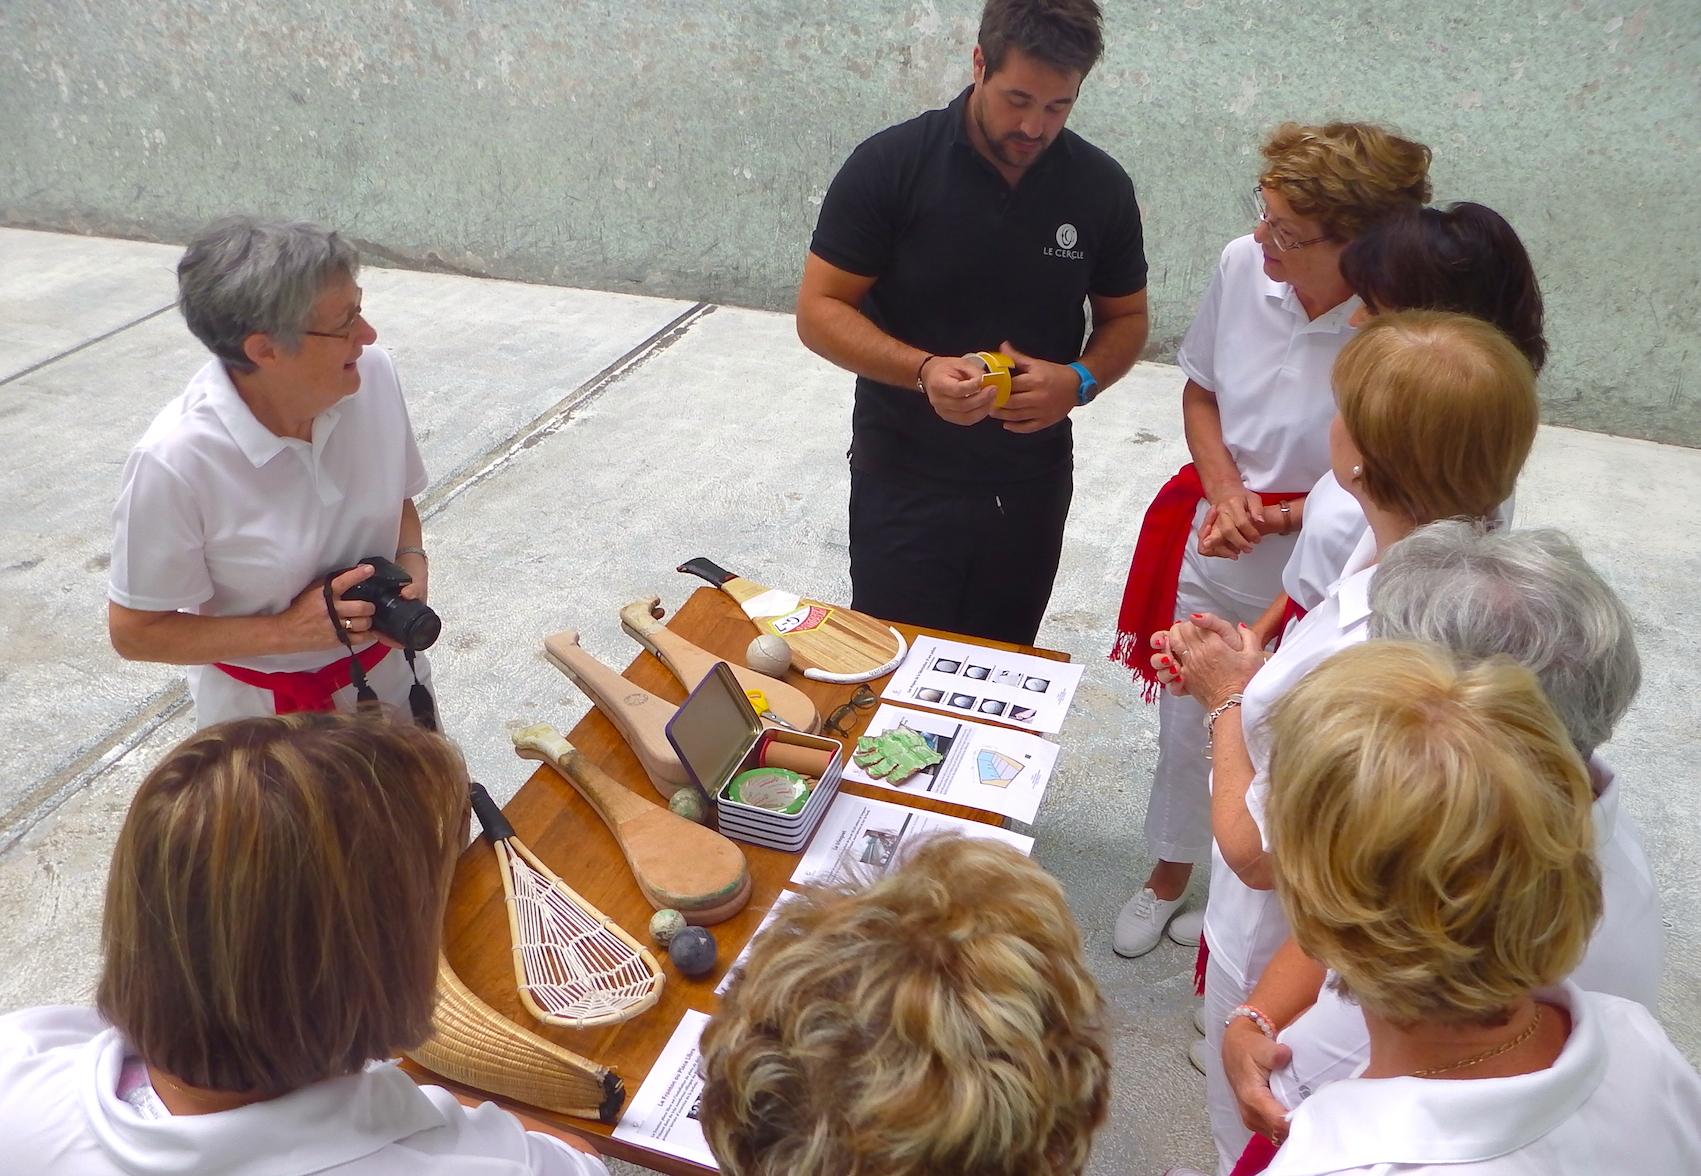 journée-visite-saint-jean-de-luz-agence-voyage-pays-basque-initiation-pelote-basque-3